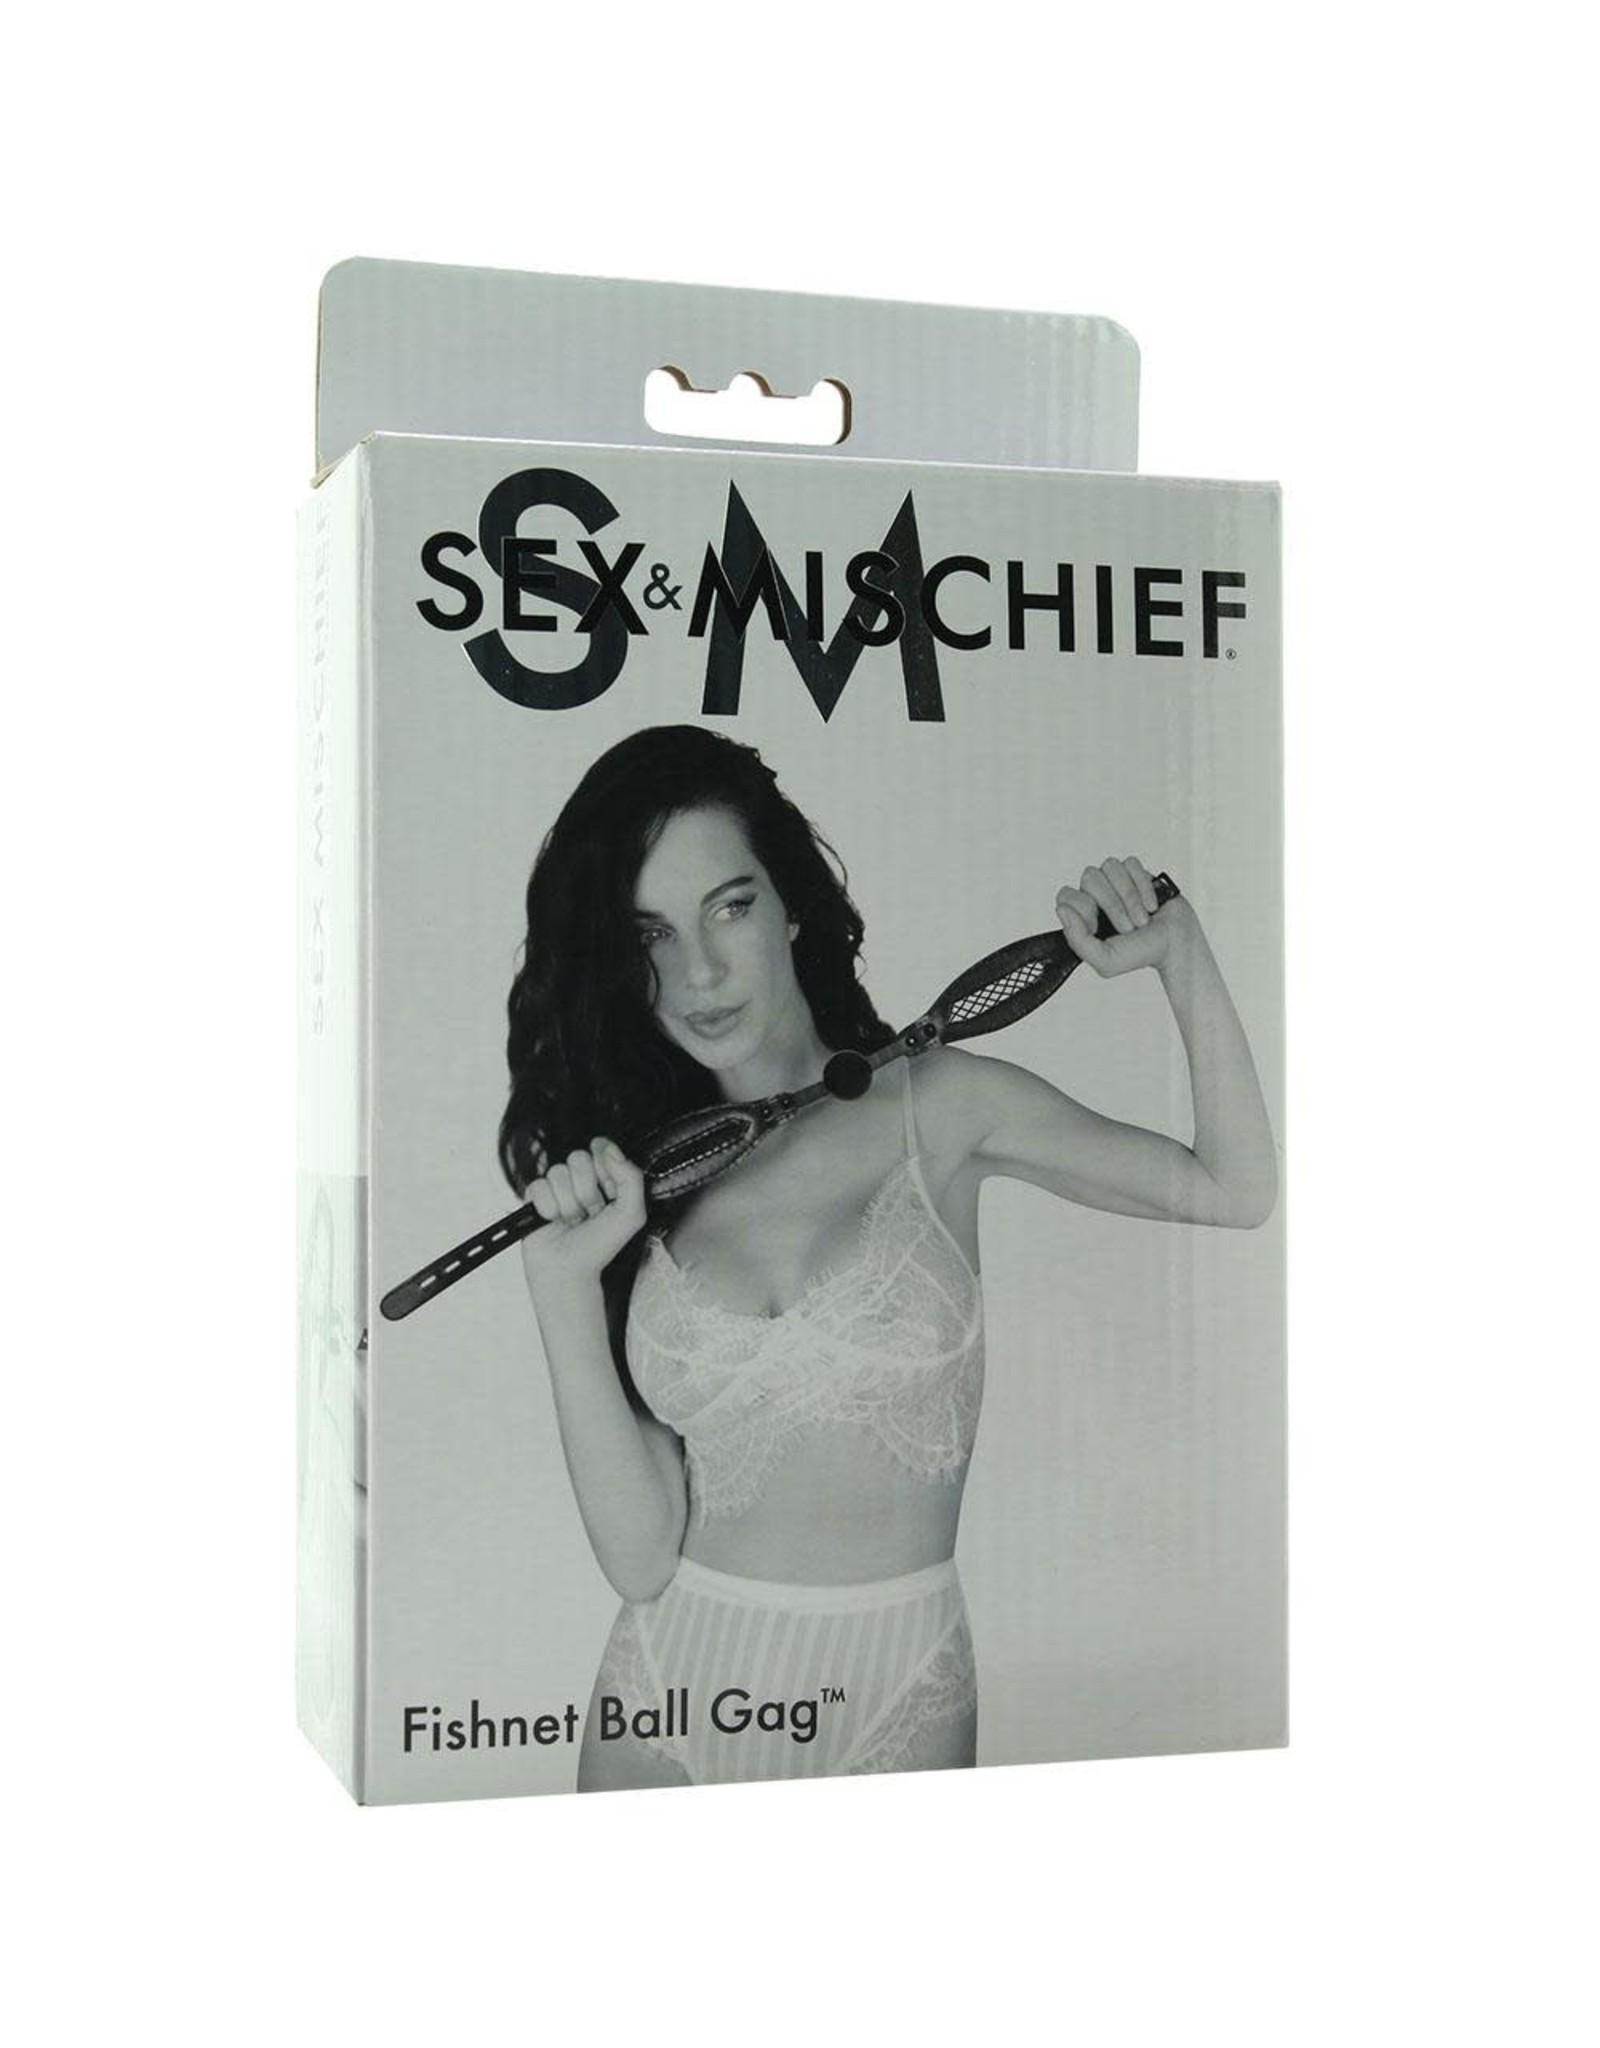 S&M - FISHNET BALL GAG